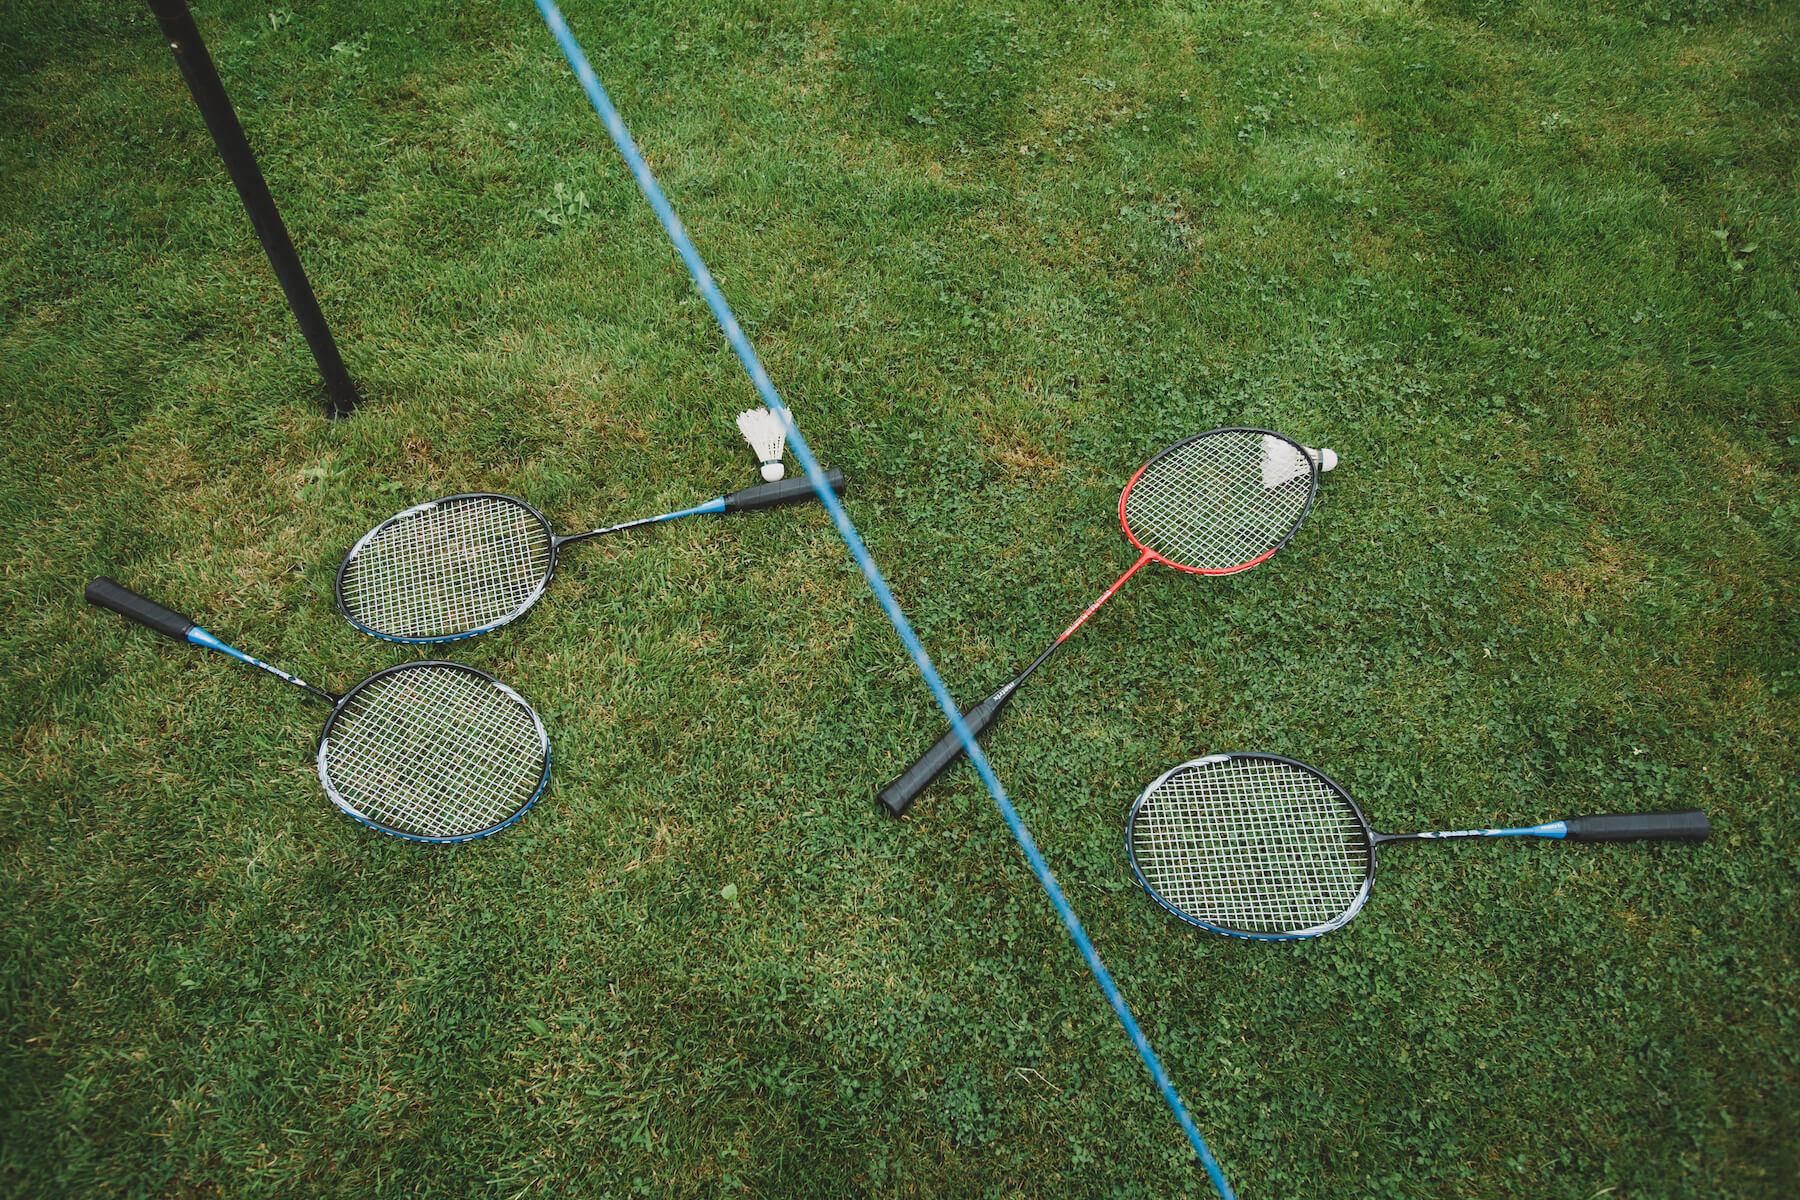 badminton racquets at the garden party